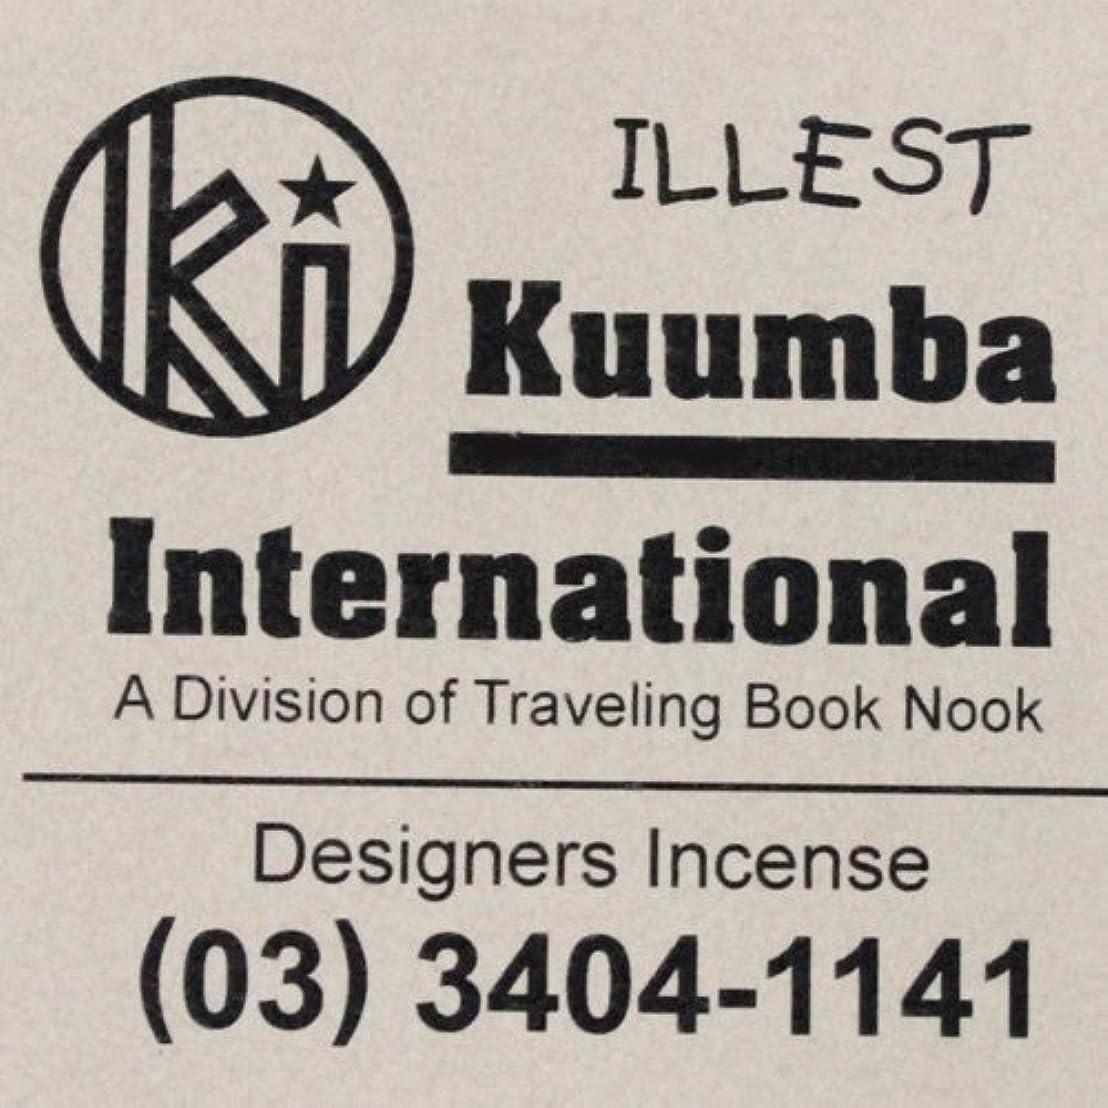 パースバンド鳴らすKuumba(クンバ)『incense』(ILLEST) (Regular size)